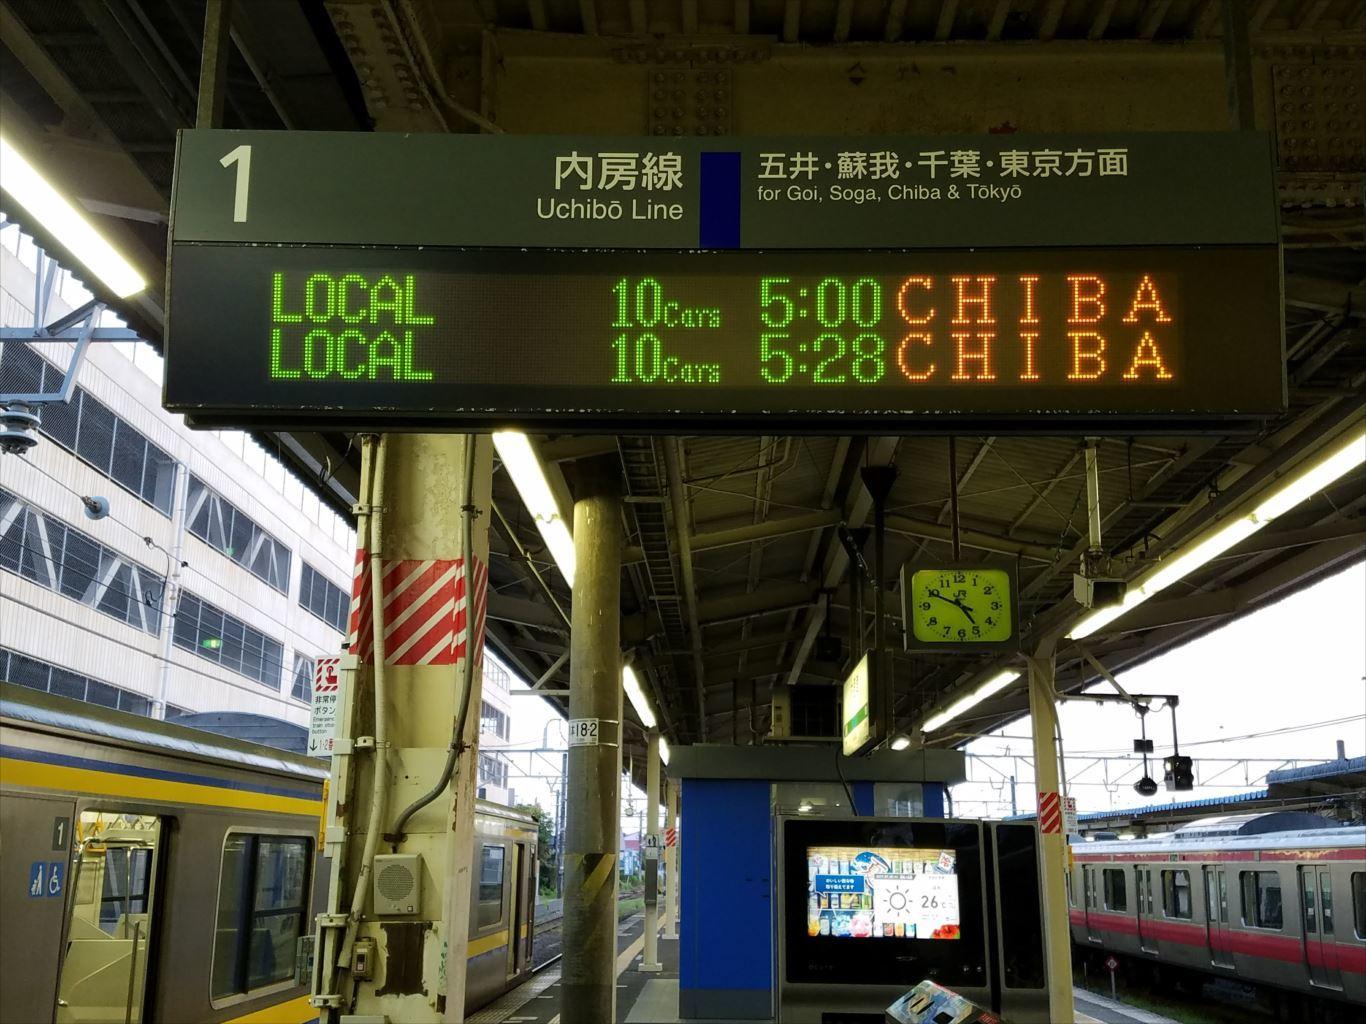 木更津駅一番列車